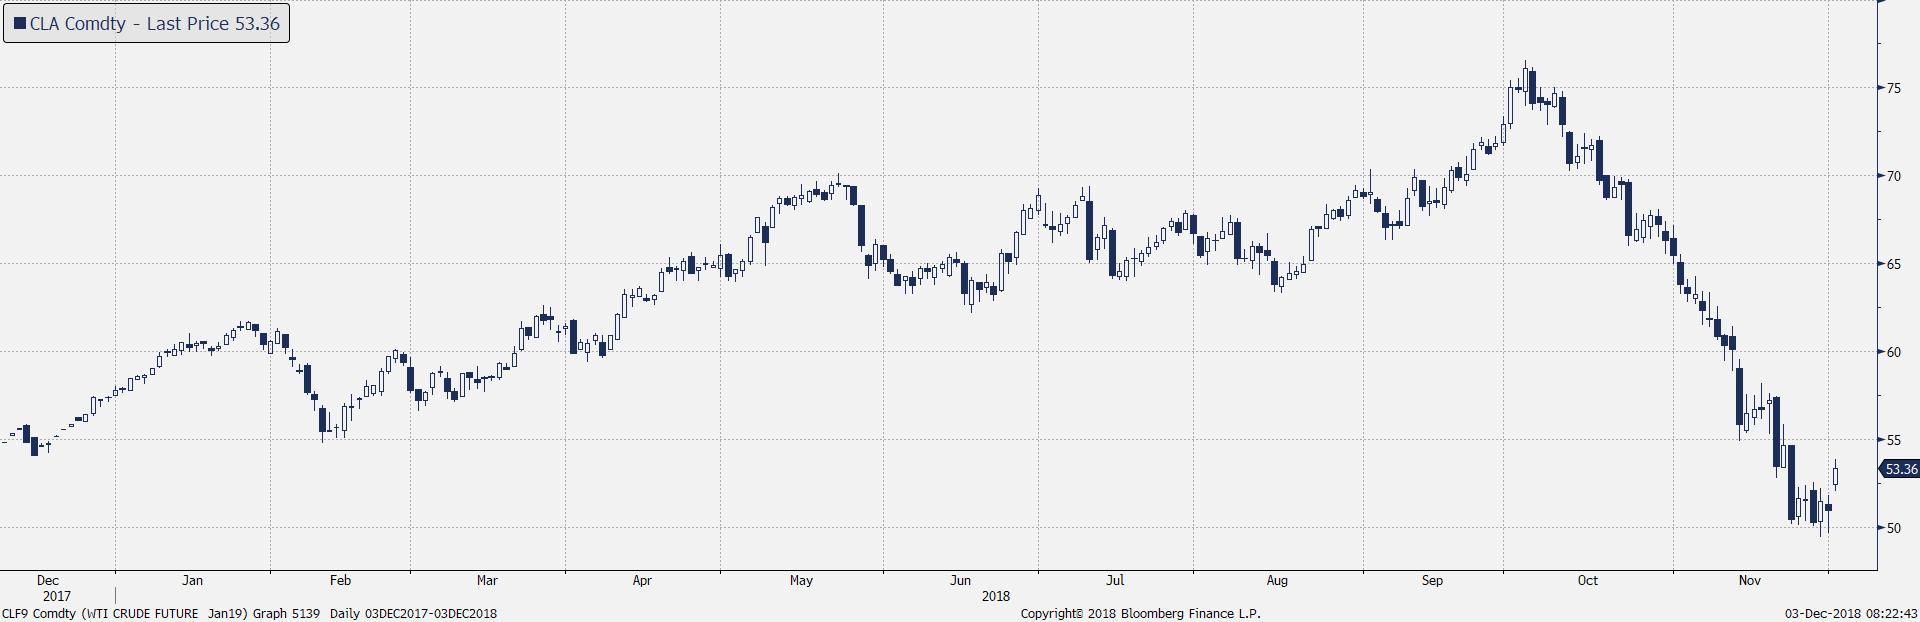 Wykres dzienny kursu ropy WTI. Źródło: Bloomberg